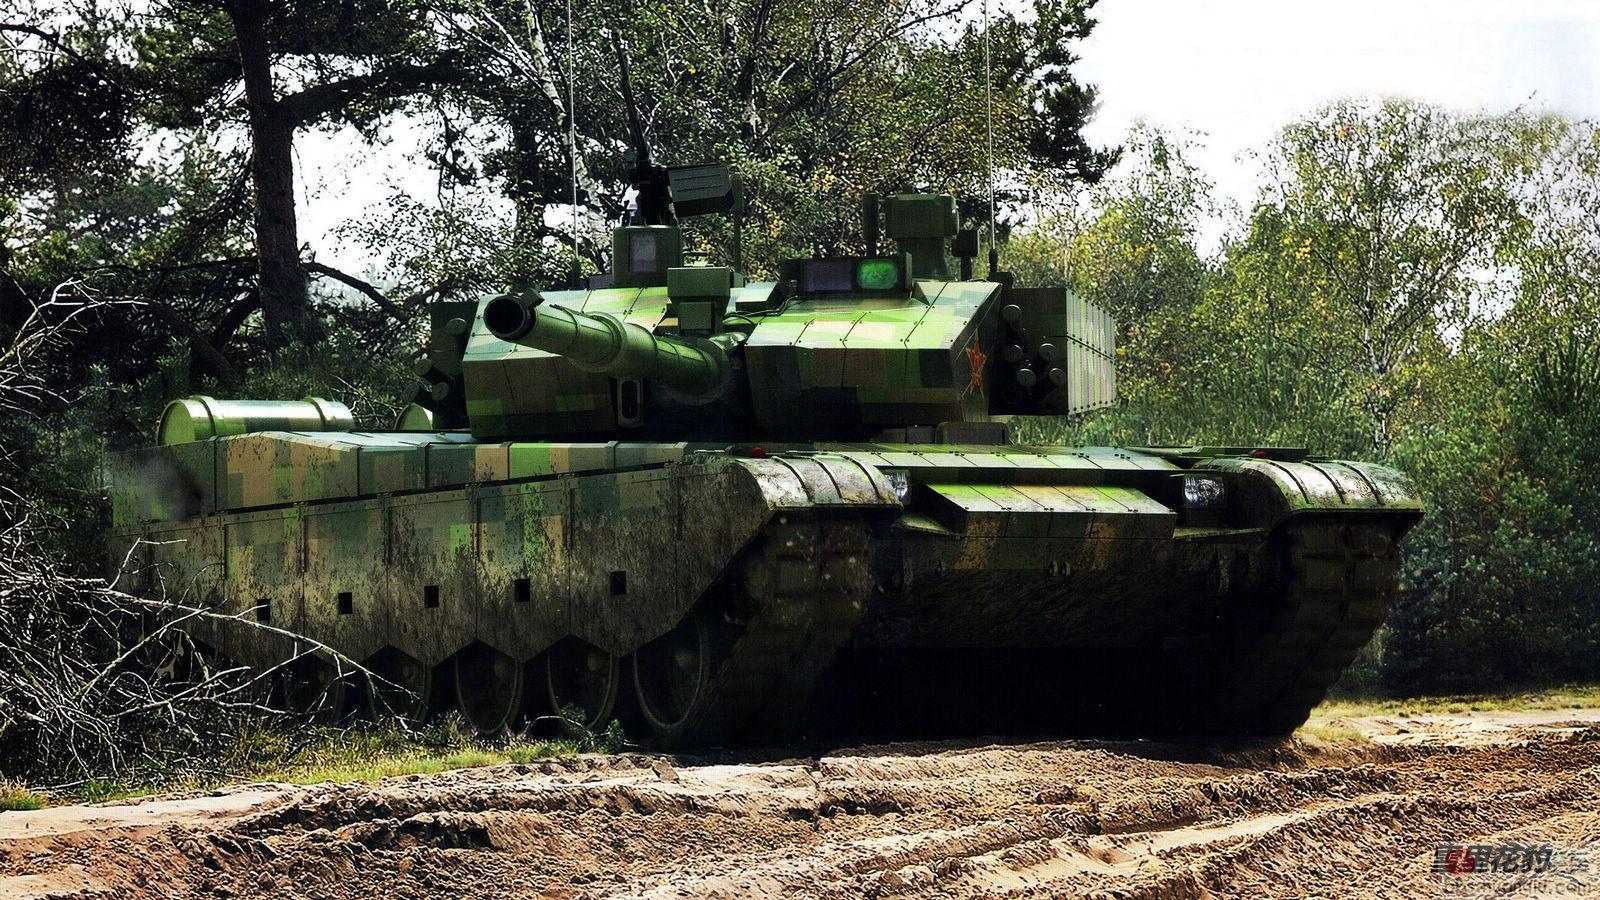 王者风范:解放军最新重型99大改坦克露狰狞!